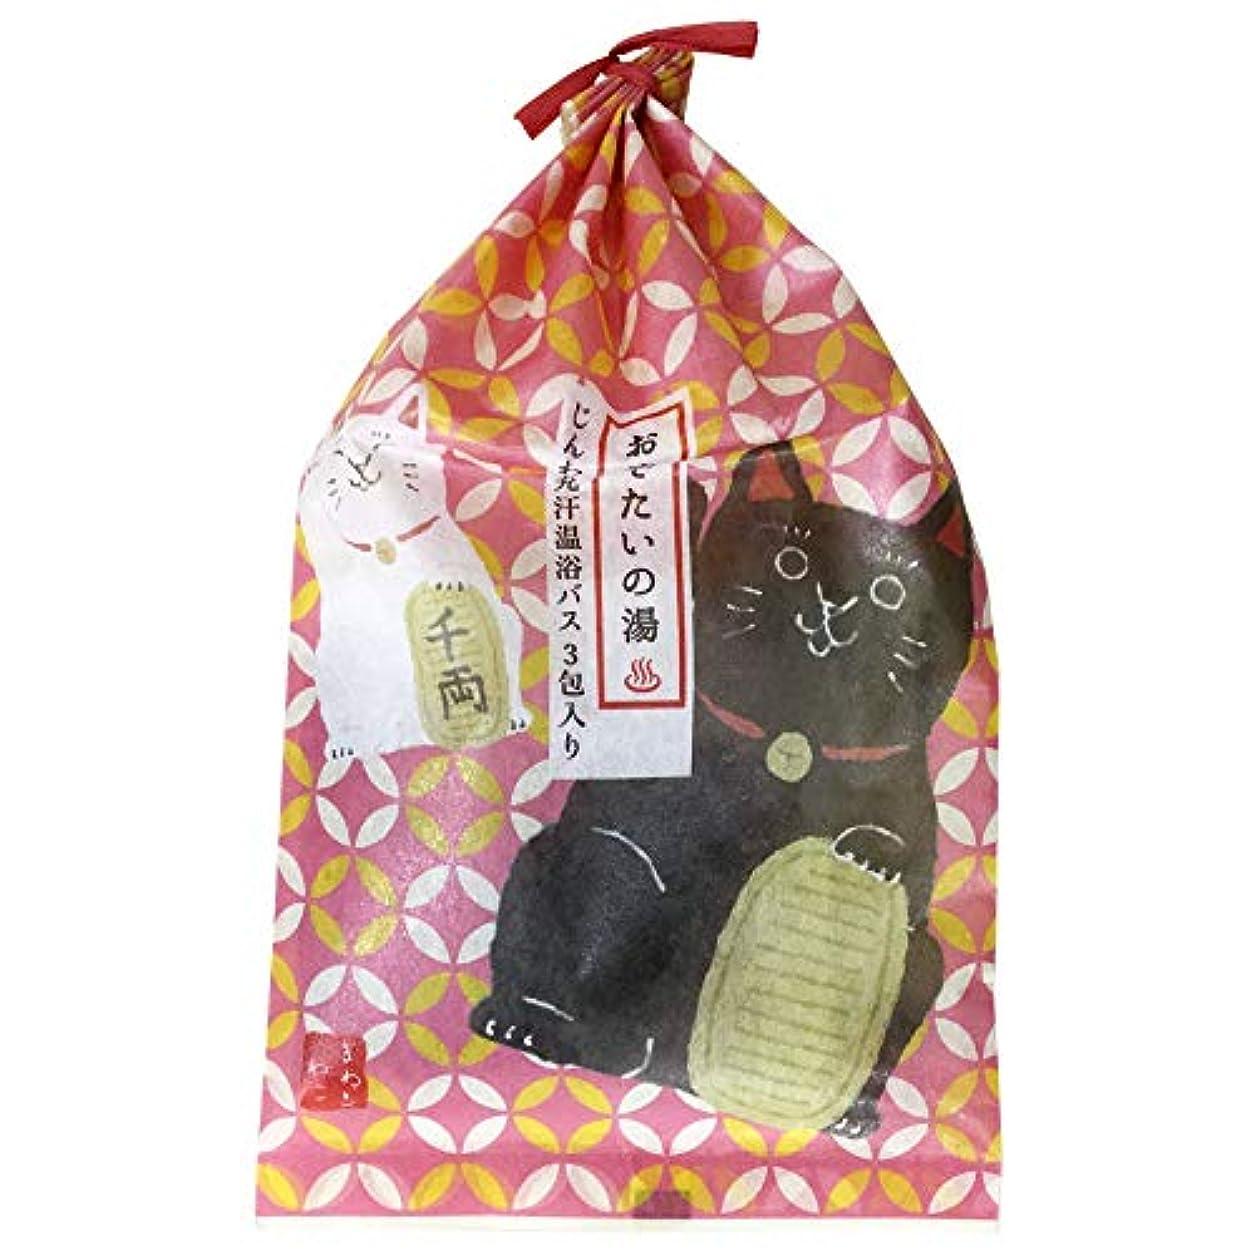 従事するクール指令【招き猫(60789)】 チャーリー おめでたいの湯 バスバッグ3包入り 日本製